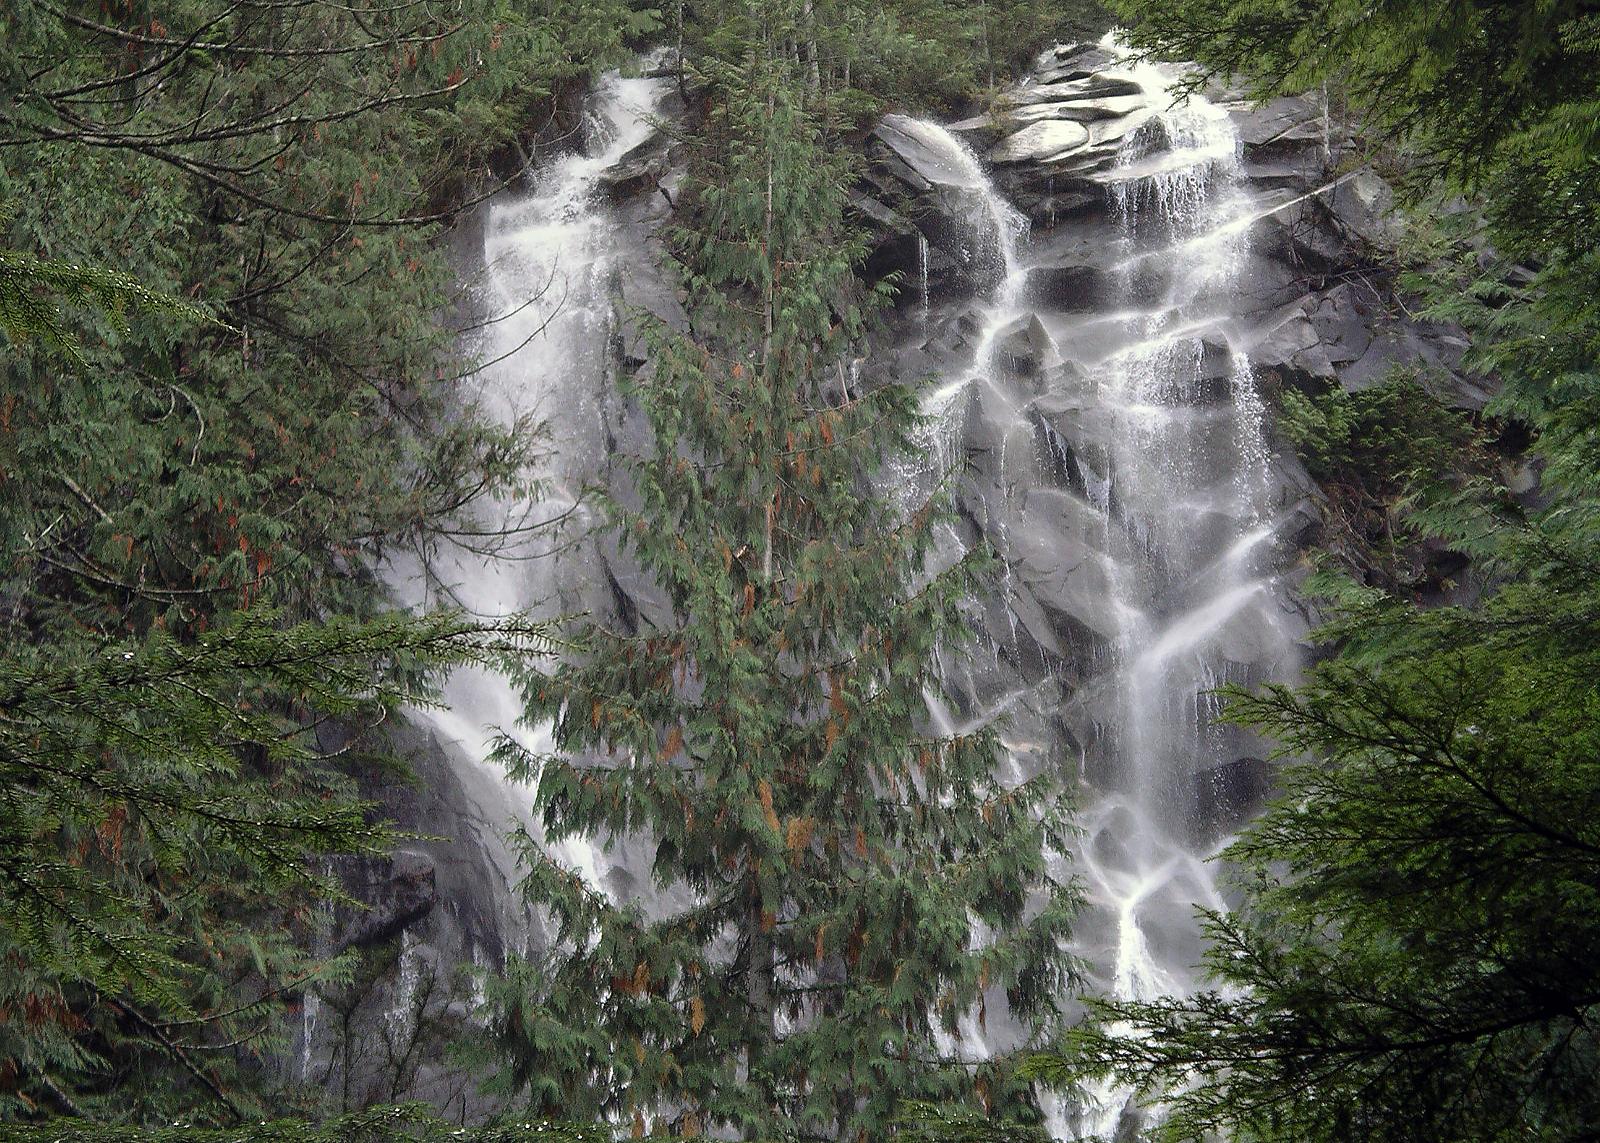 Bridal Falls (Cascades)